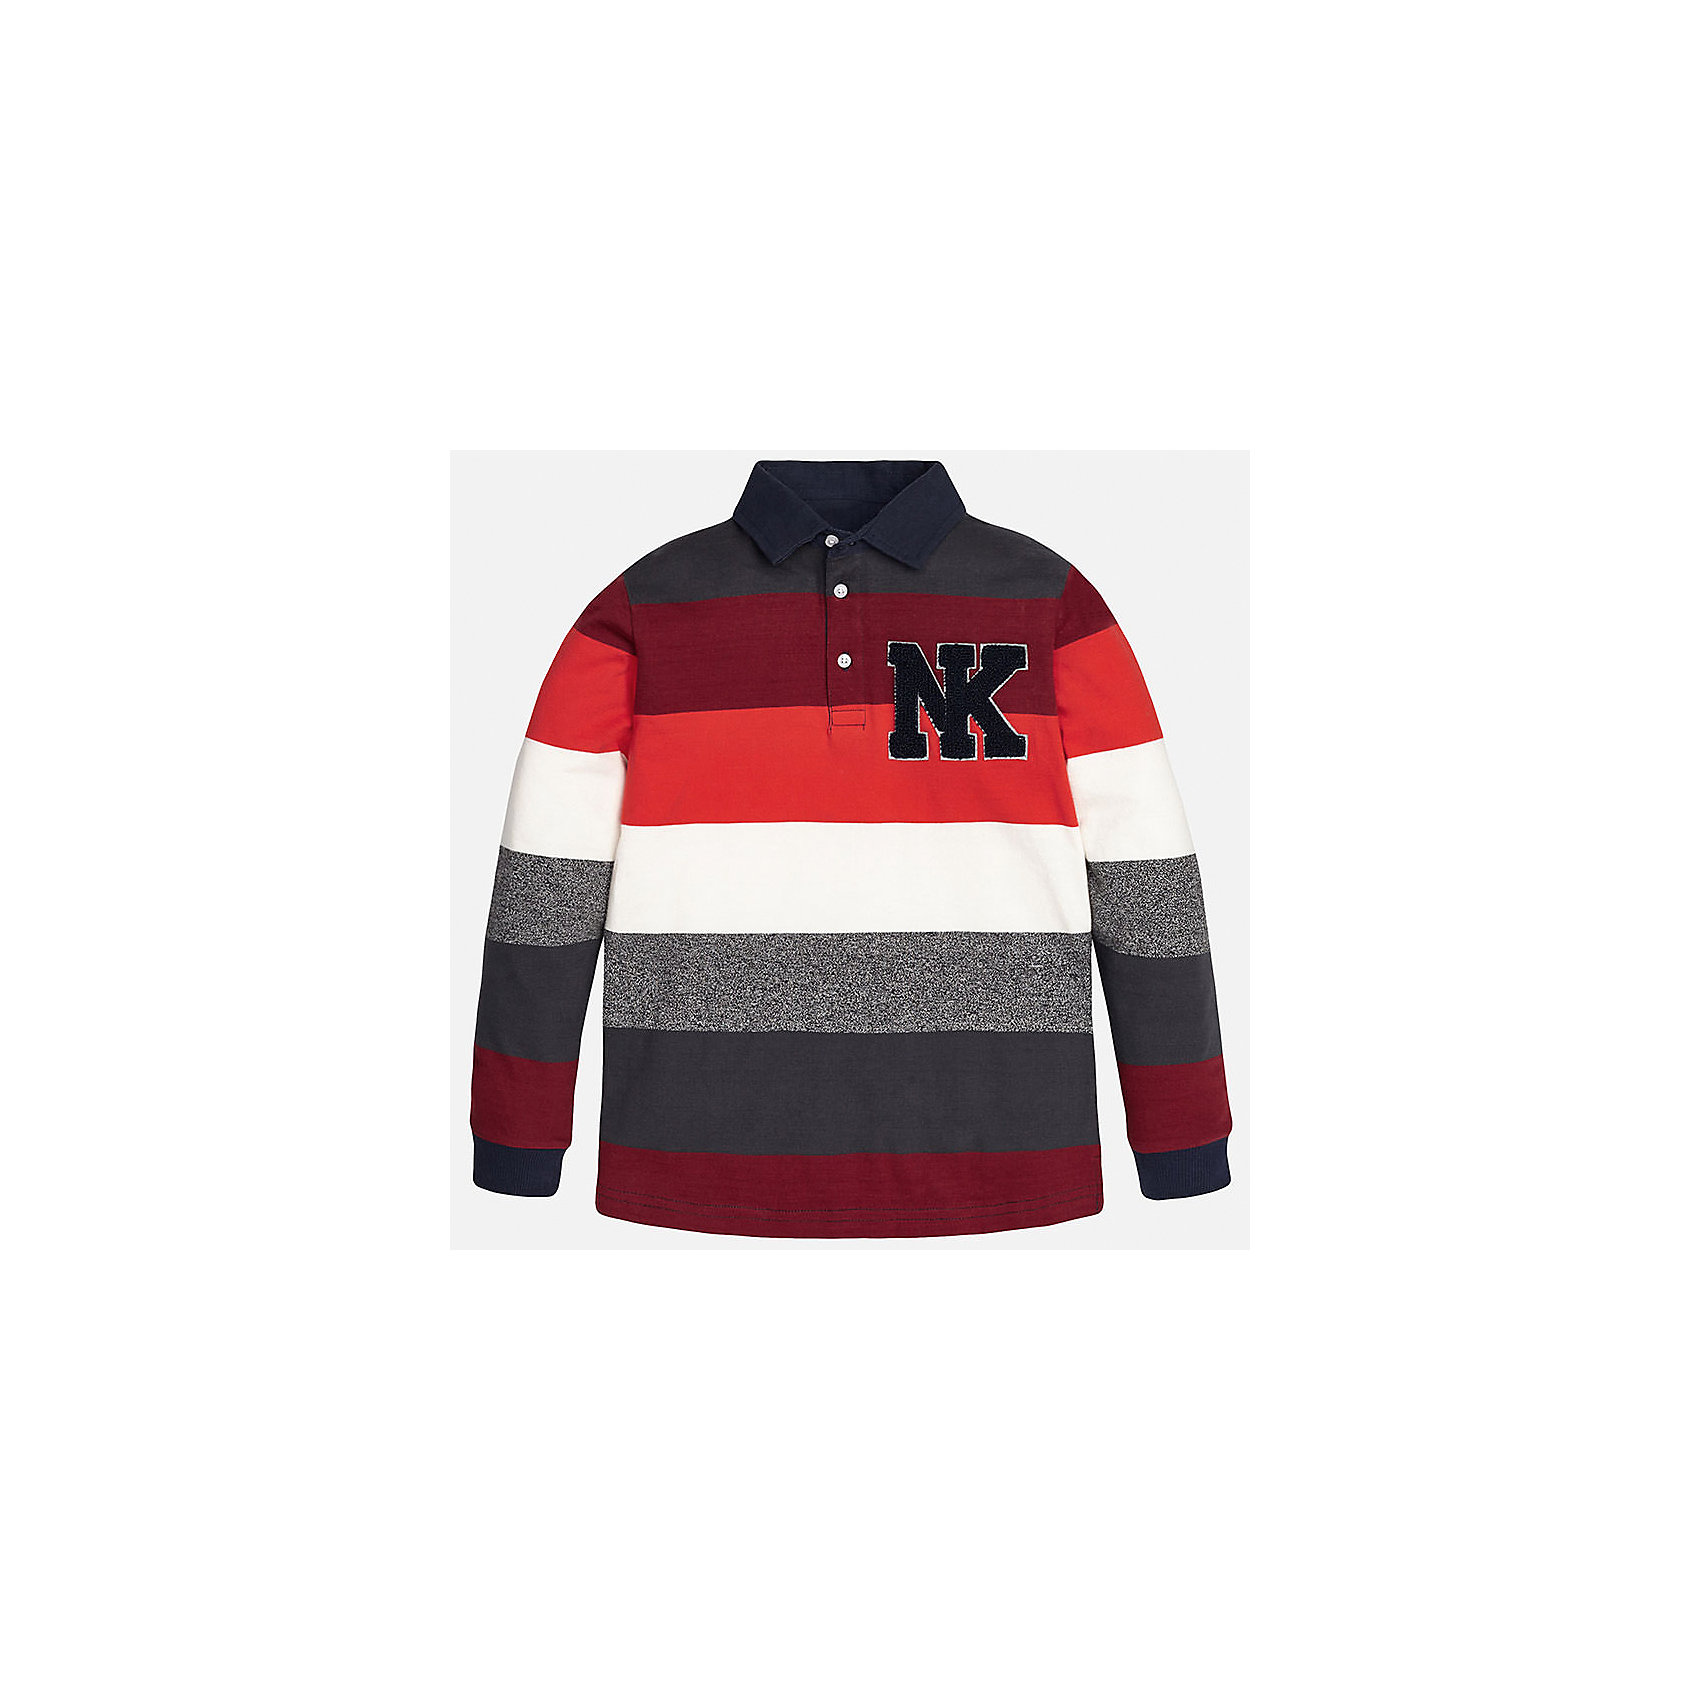 Футболка-поло с длинным рукавом для мальчика MayoralФутболки с длинным рукавом<br>Рубашка-поло для мальчика от известного испанского бренда Mayoral(Майорал). Рубашка изготовлена из качественного хлопка, имеет оригинальный контрастный дизайн и украшена аппликацией на груди. Такая рубашка непременно понравиться ребенку и он будет носить ее с удовольствием!<br><br>Дополнительная информация:<br>Состав: 92% хлопок, 8% полиэстер<br>Цвет: красный/серый/белый<br>Рубашку-поло для мальчика Mayoral(Майорал) можно купить в нашем интернет-магазине.<br><br>Ширина мм: 174<br>Глубина мм: 10<br>Высота мм: 169<br>Вес г: 157<br>Цвет: бордовый<br>Возраст от месяцев: 96<br>Возраст до месяцев: 108<br>Пол: Мужской<br>Возраст: Детский<br>Размер: 128/134,164/170,146/152,140/146,152/158,158/164<br>SKU: 4826835